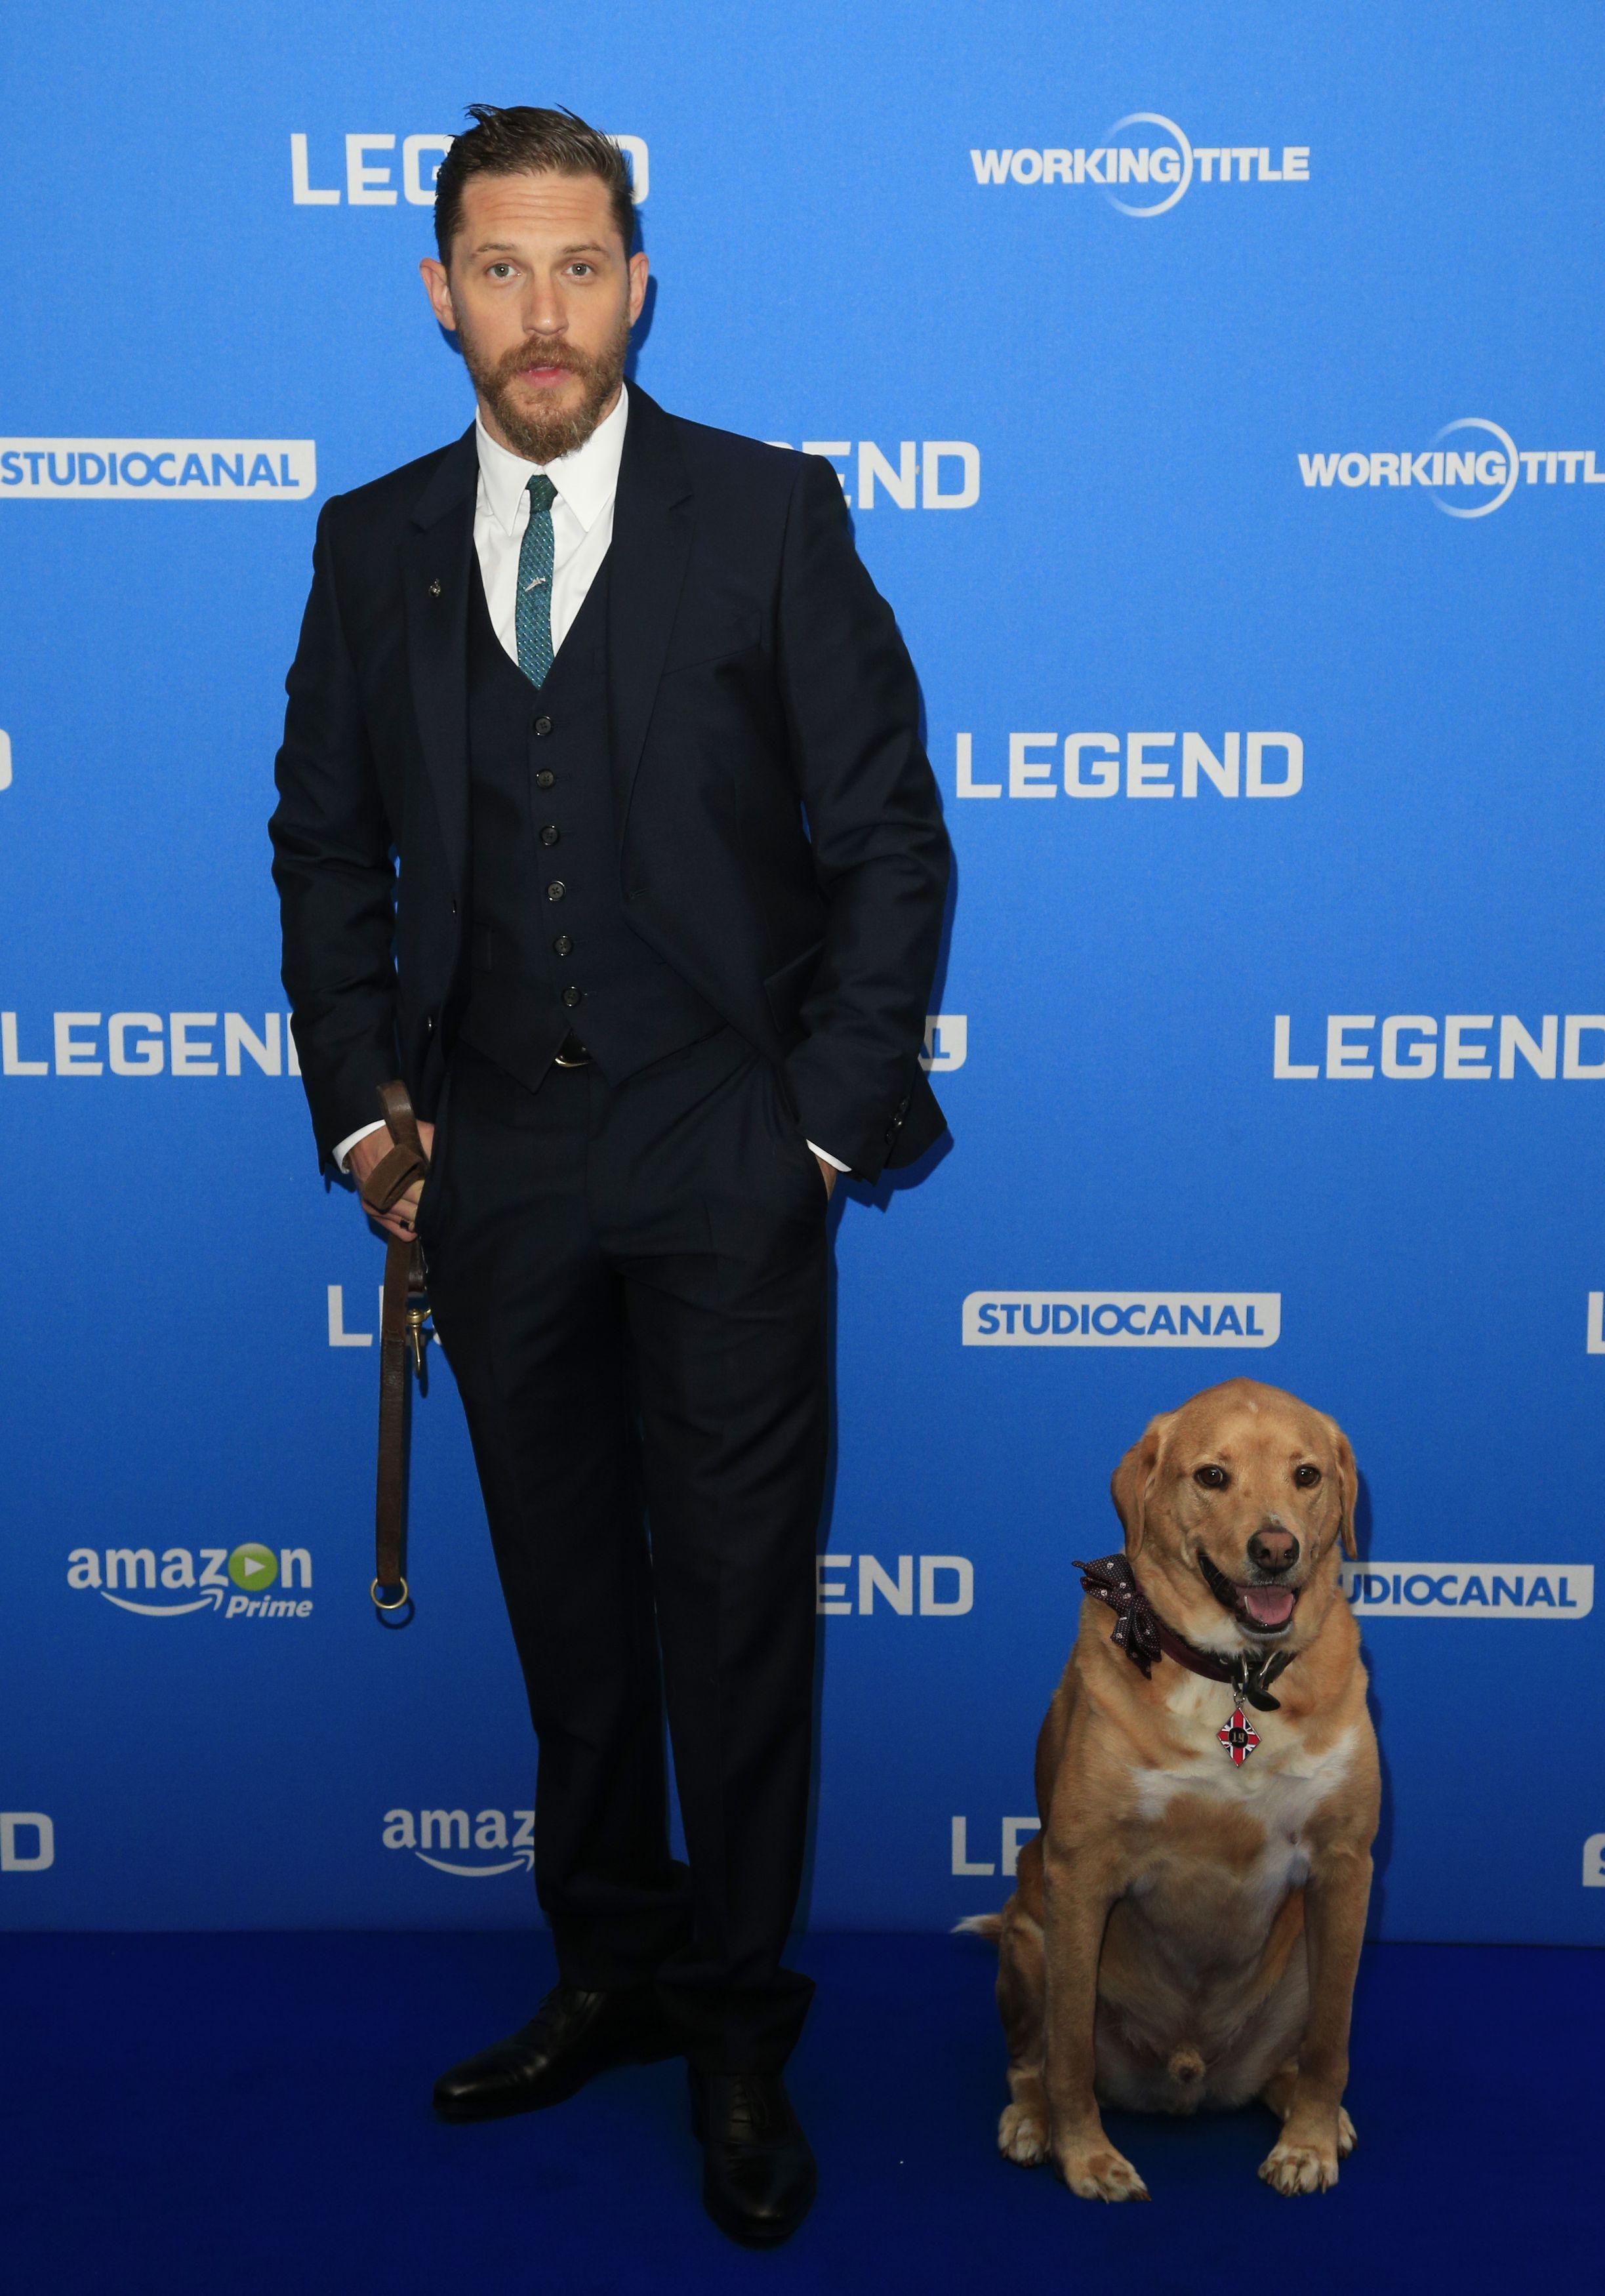 Том Харди со своей собакой Вудстоком на премьере фильма легенда